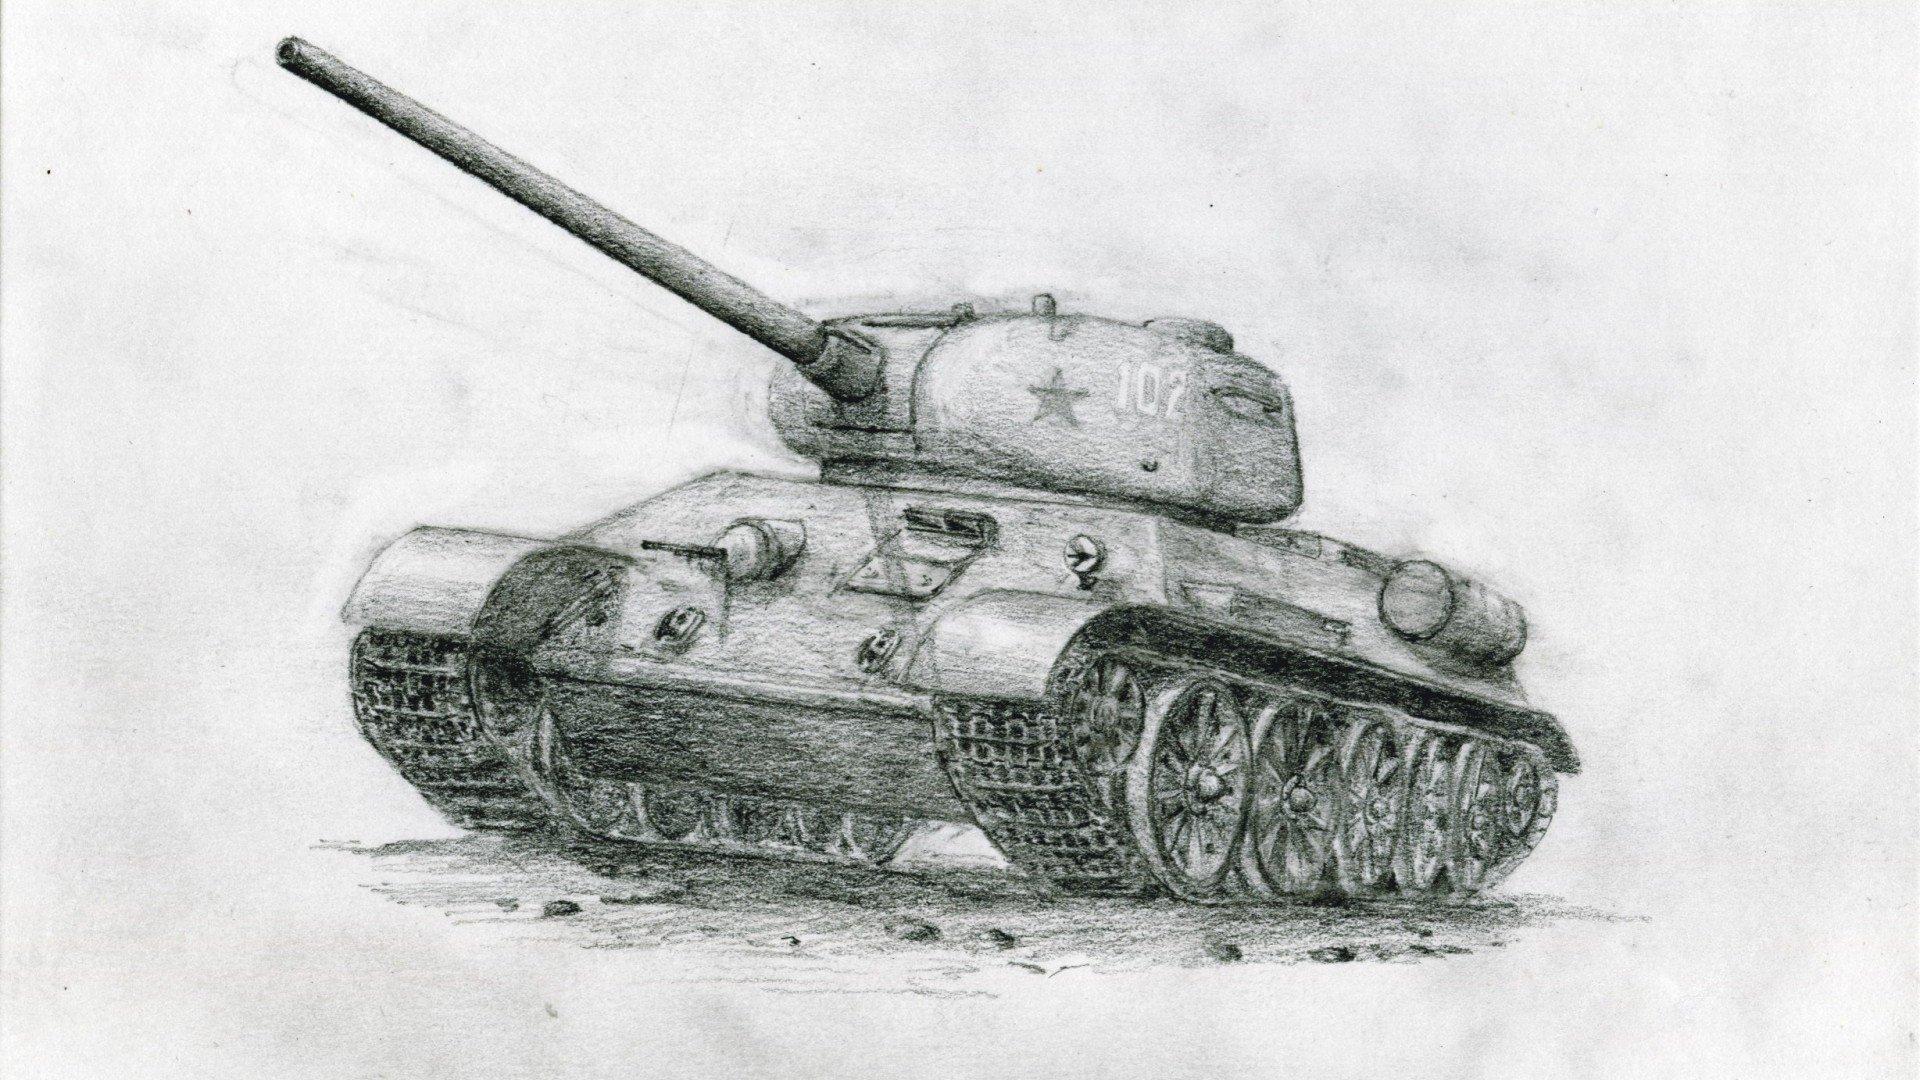 картинки танков рисовать запросто можно увидеть